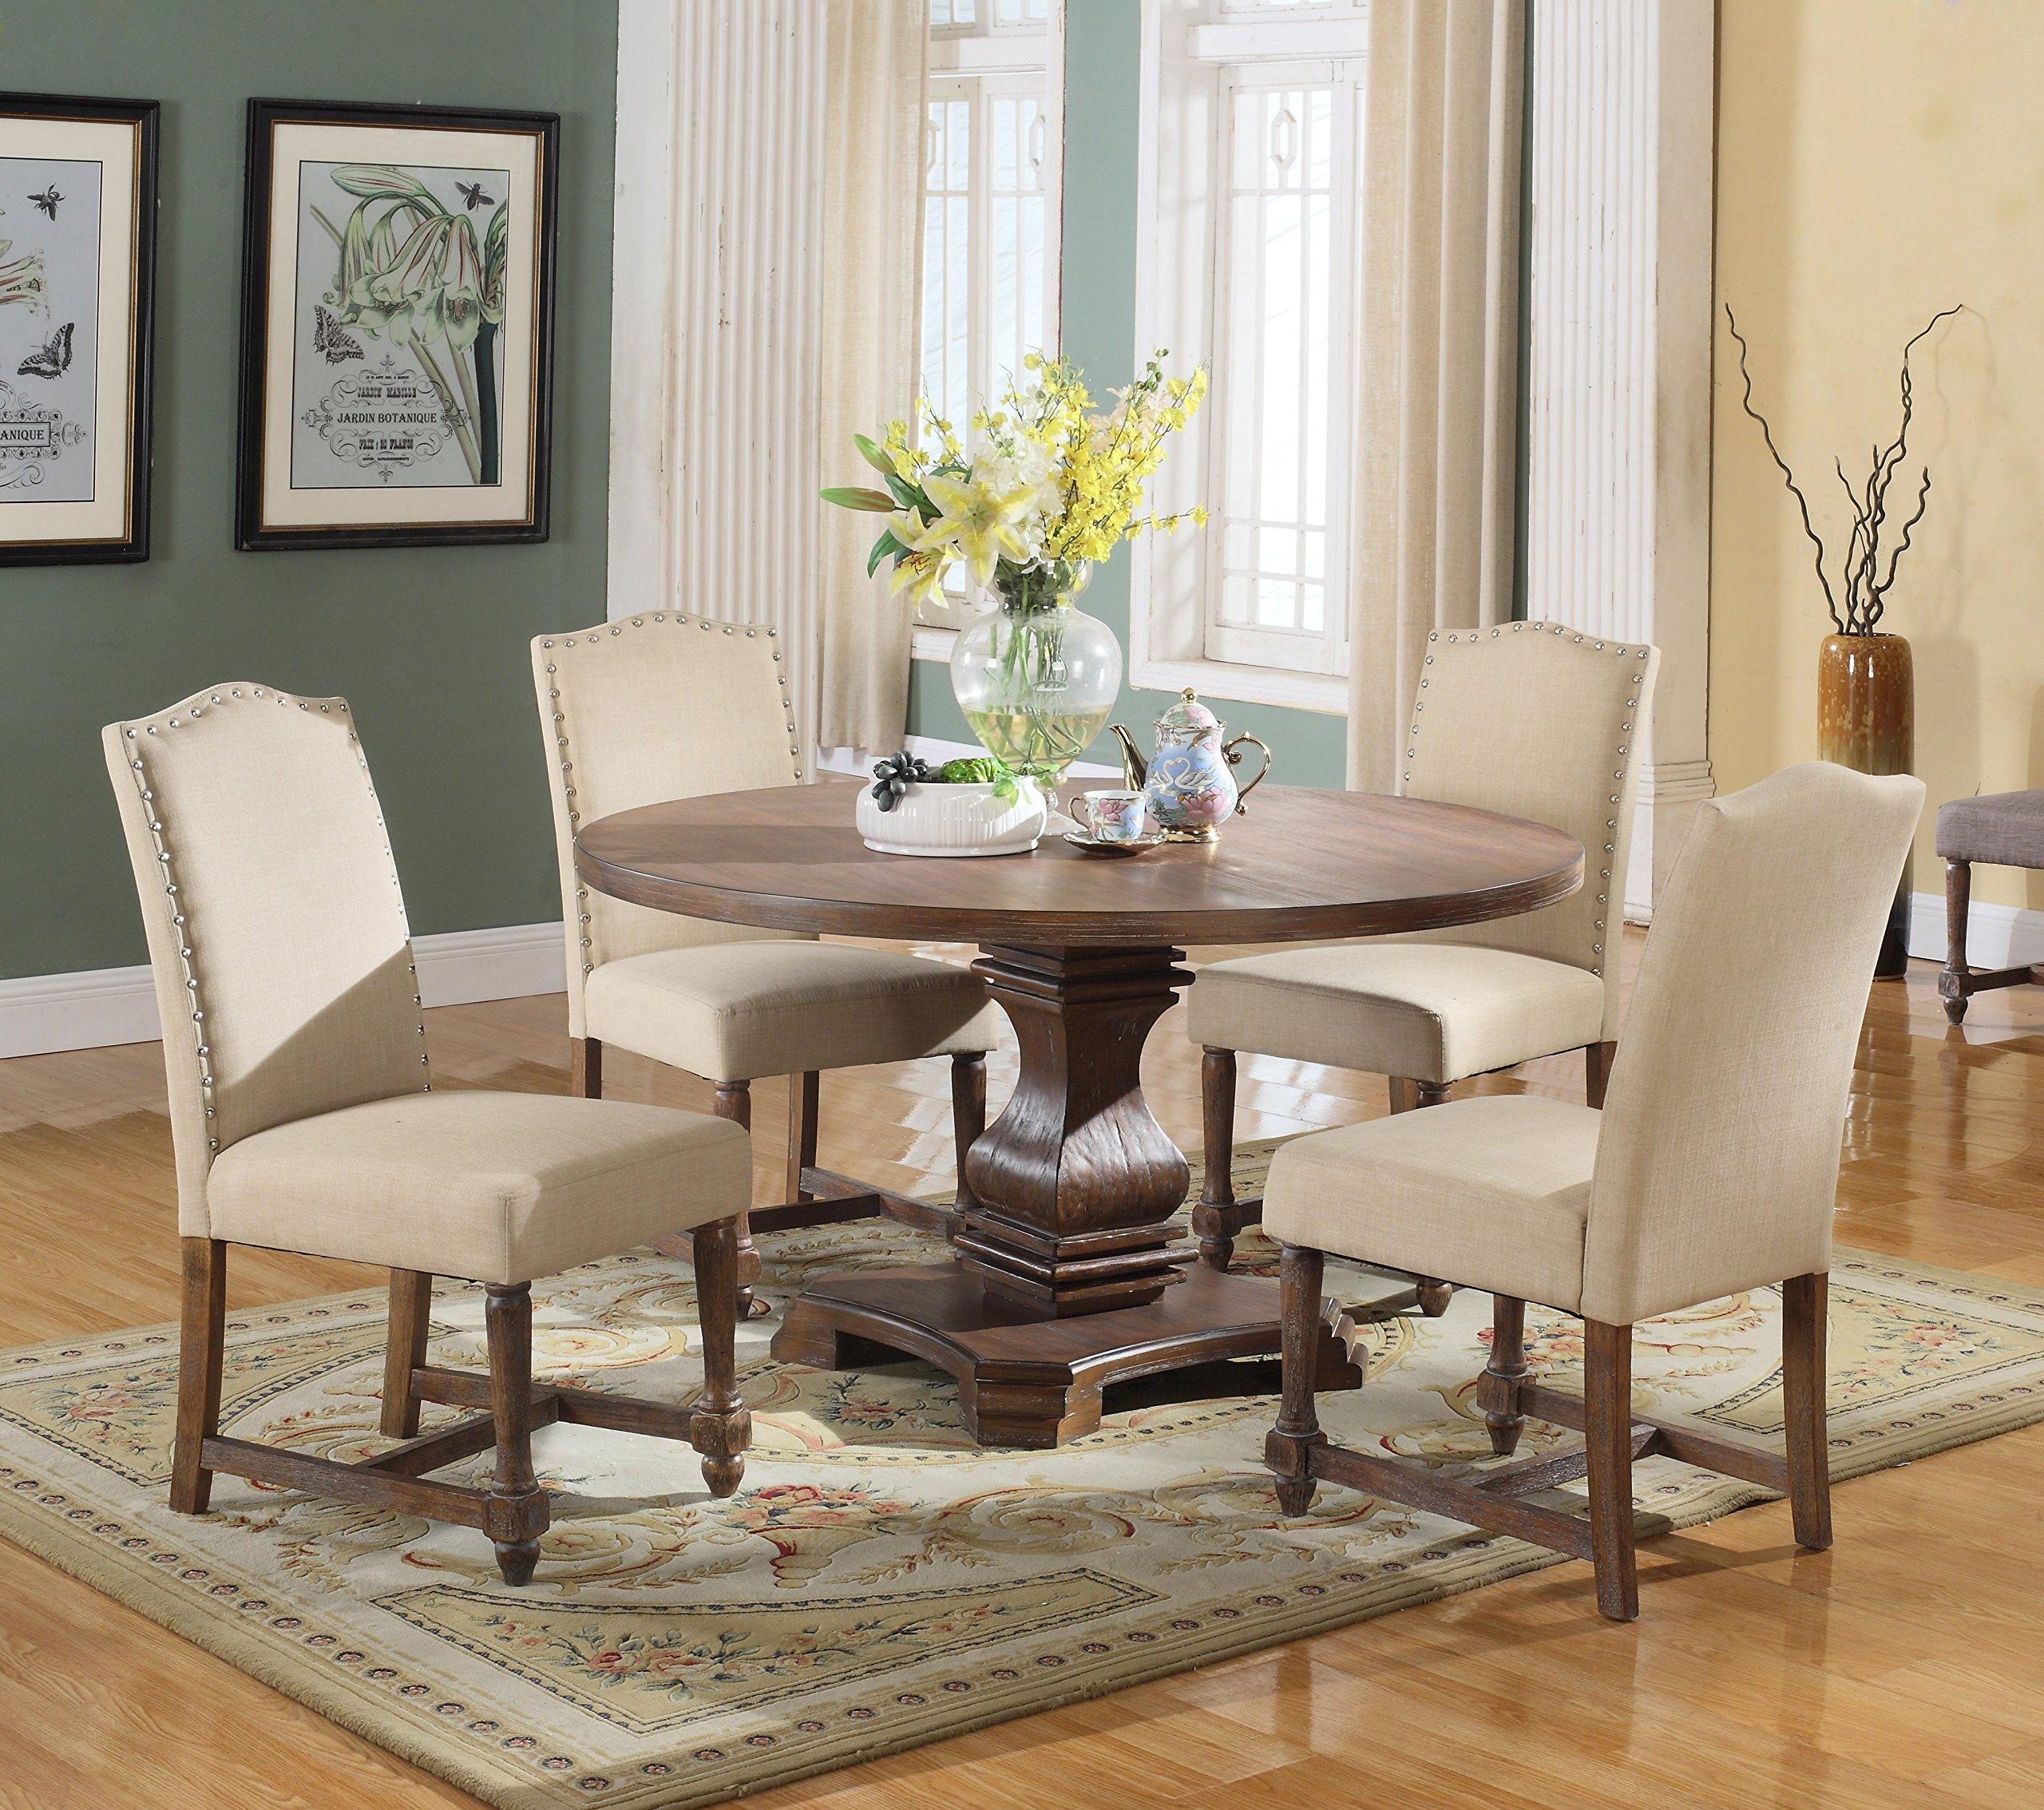 Best Master Furniture Ellisburg Wooden 5 Piece Dining Set, Tan by Best Master Furniture